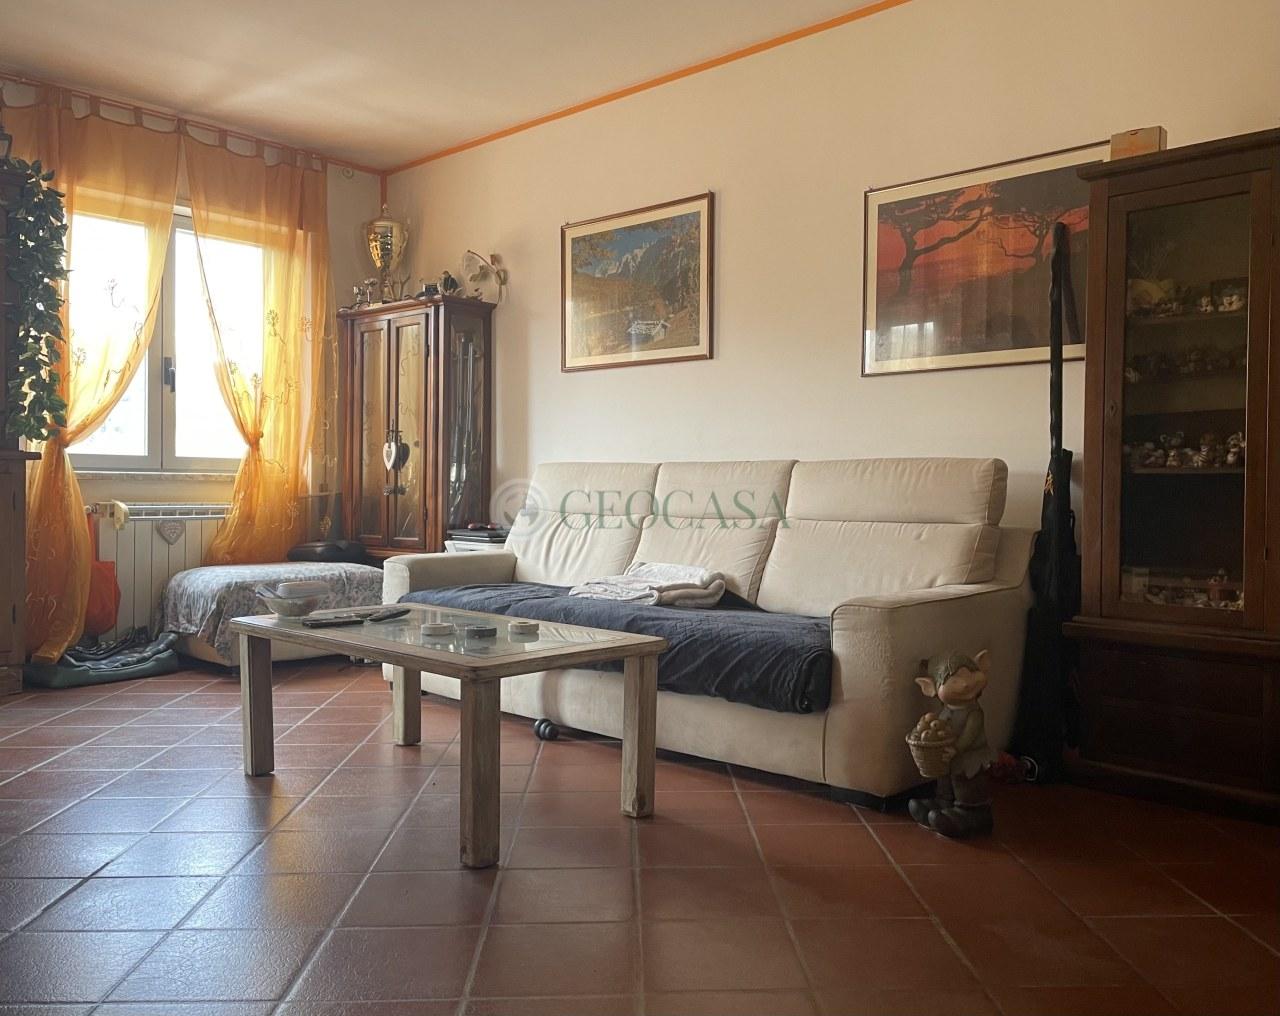 Appartamento in vendita a Sarzana, 4 locali, prezzo € 170.000 | PortaleAgenzieImmobiliari.it